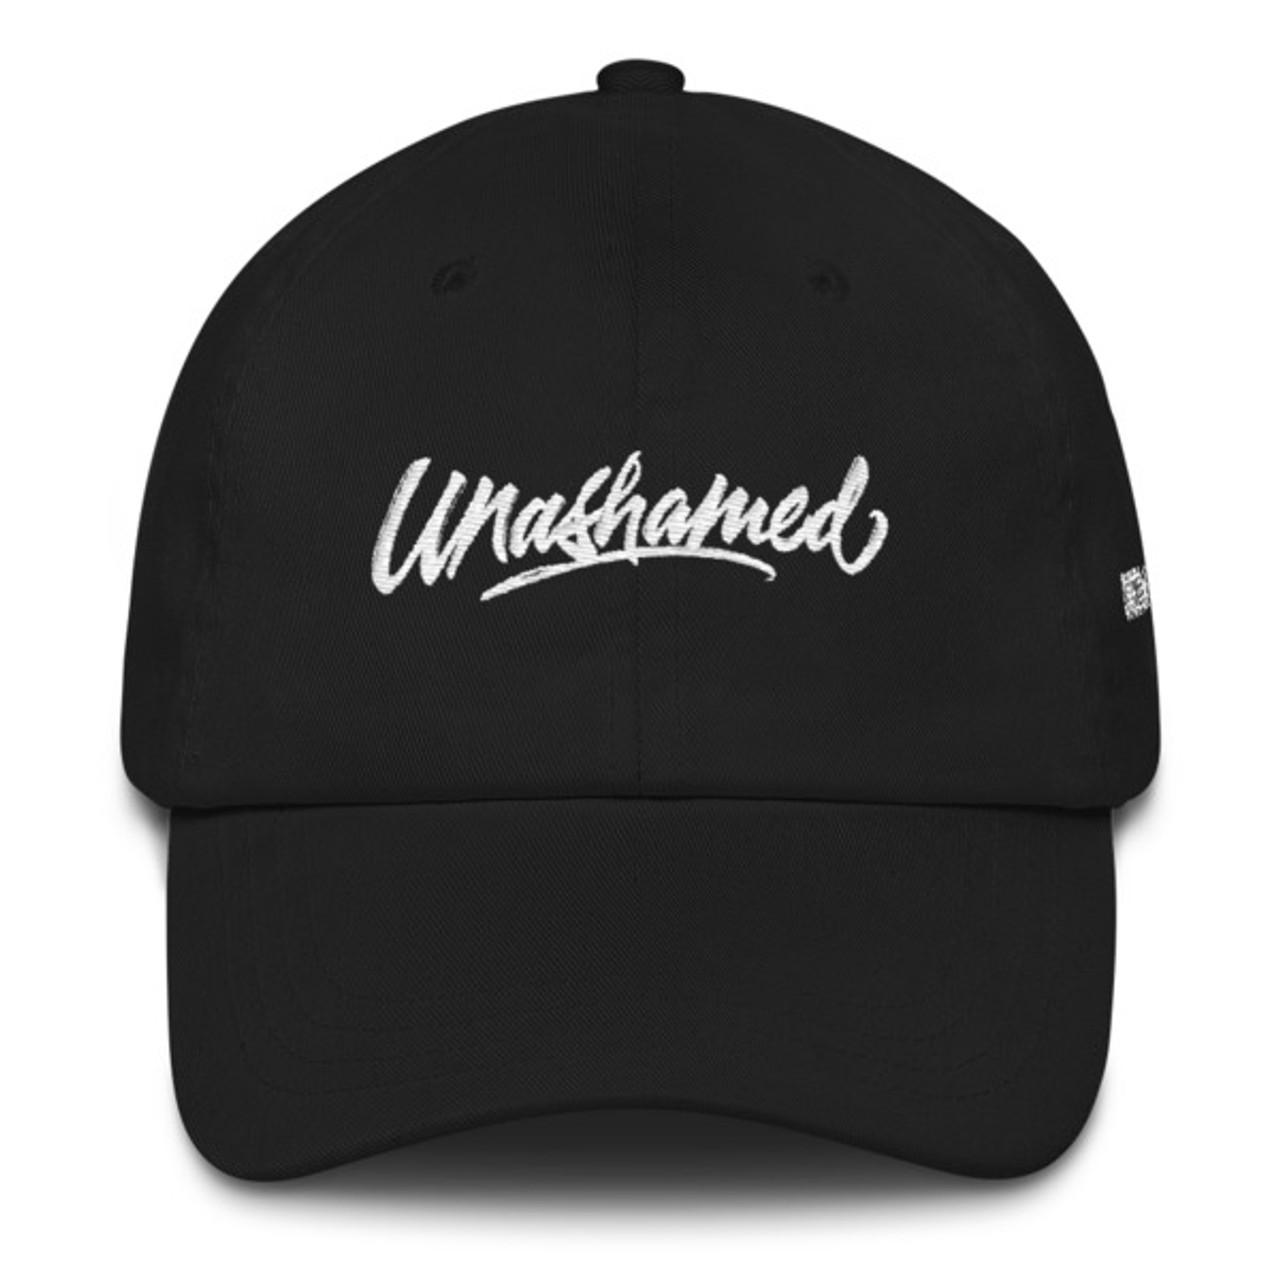 Unashamed - Dad hat - Black